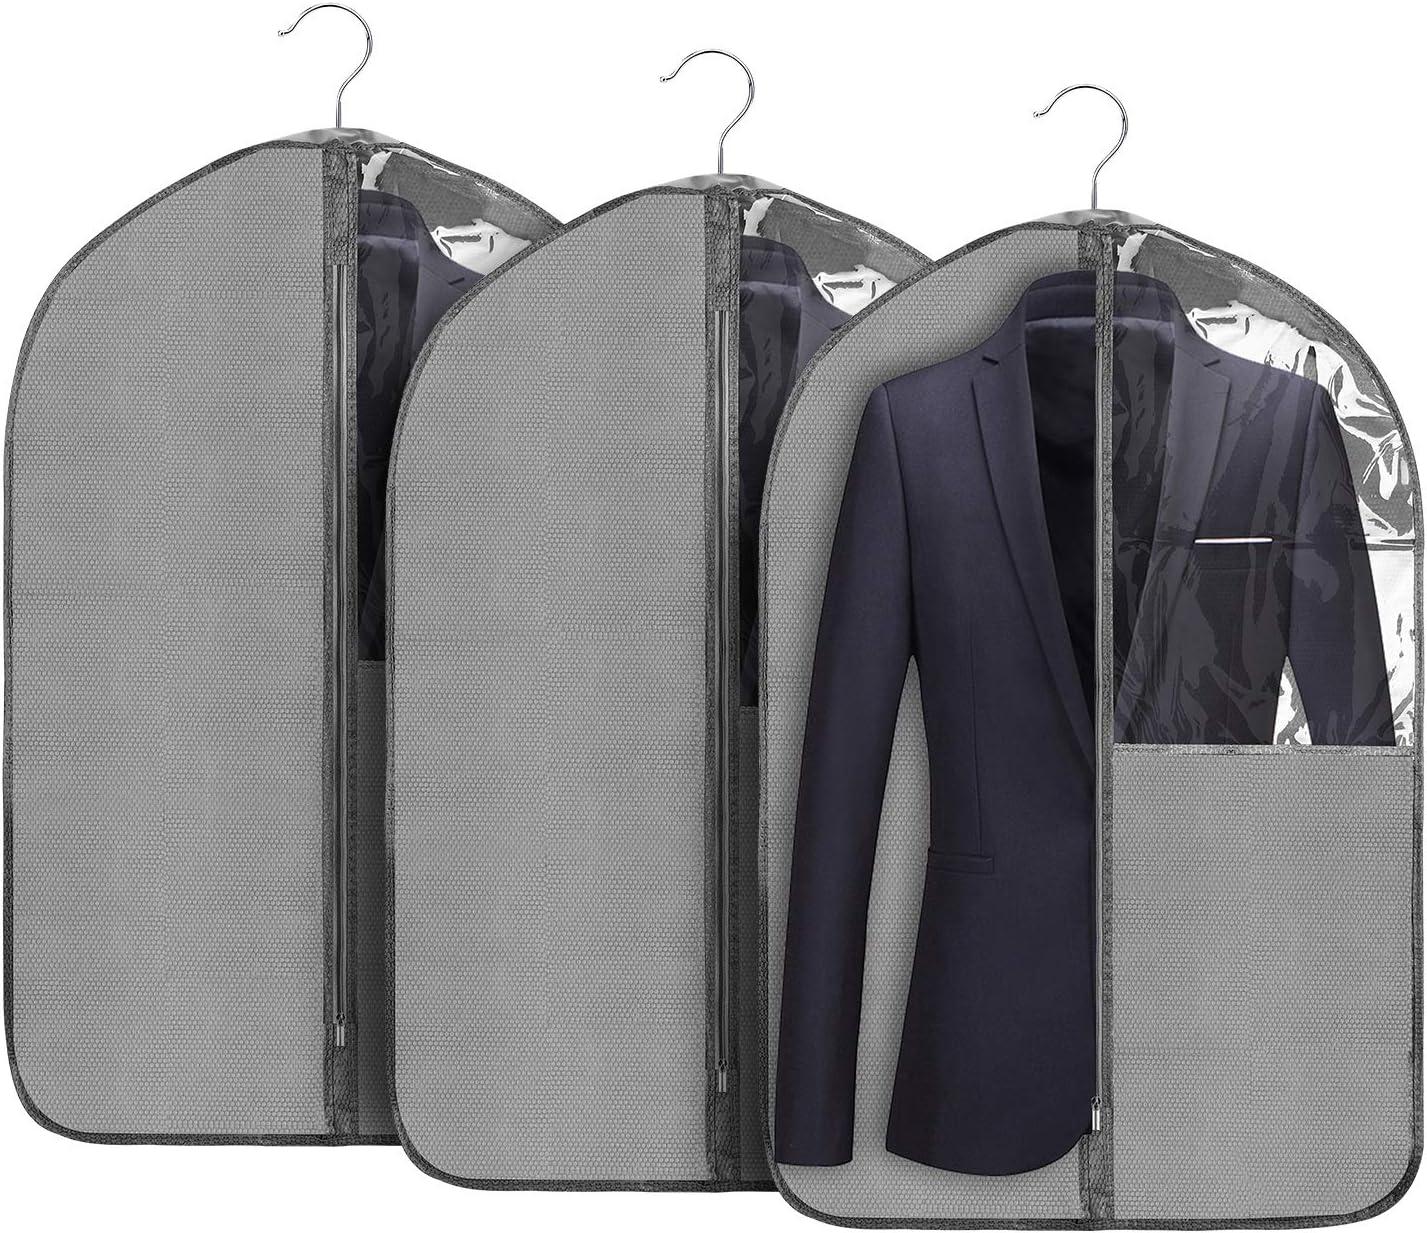 Jorlyen Housse de V/êtements Pliable Housse de Costume Manteaux avec Fen/être Transparente et Anti-poussi/ère Protection 24  x 53 135 x 60 cm 2 pcs Housse Protection pour Longue Robe V/êtement